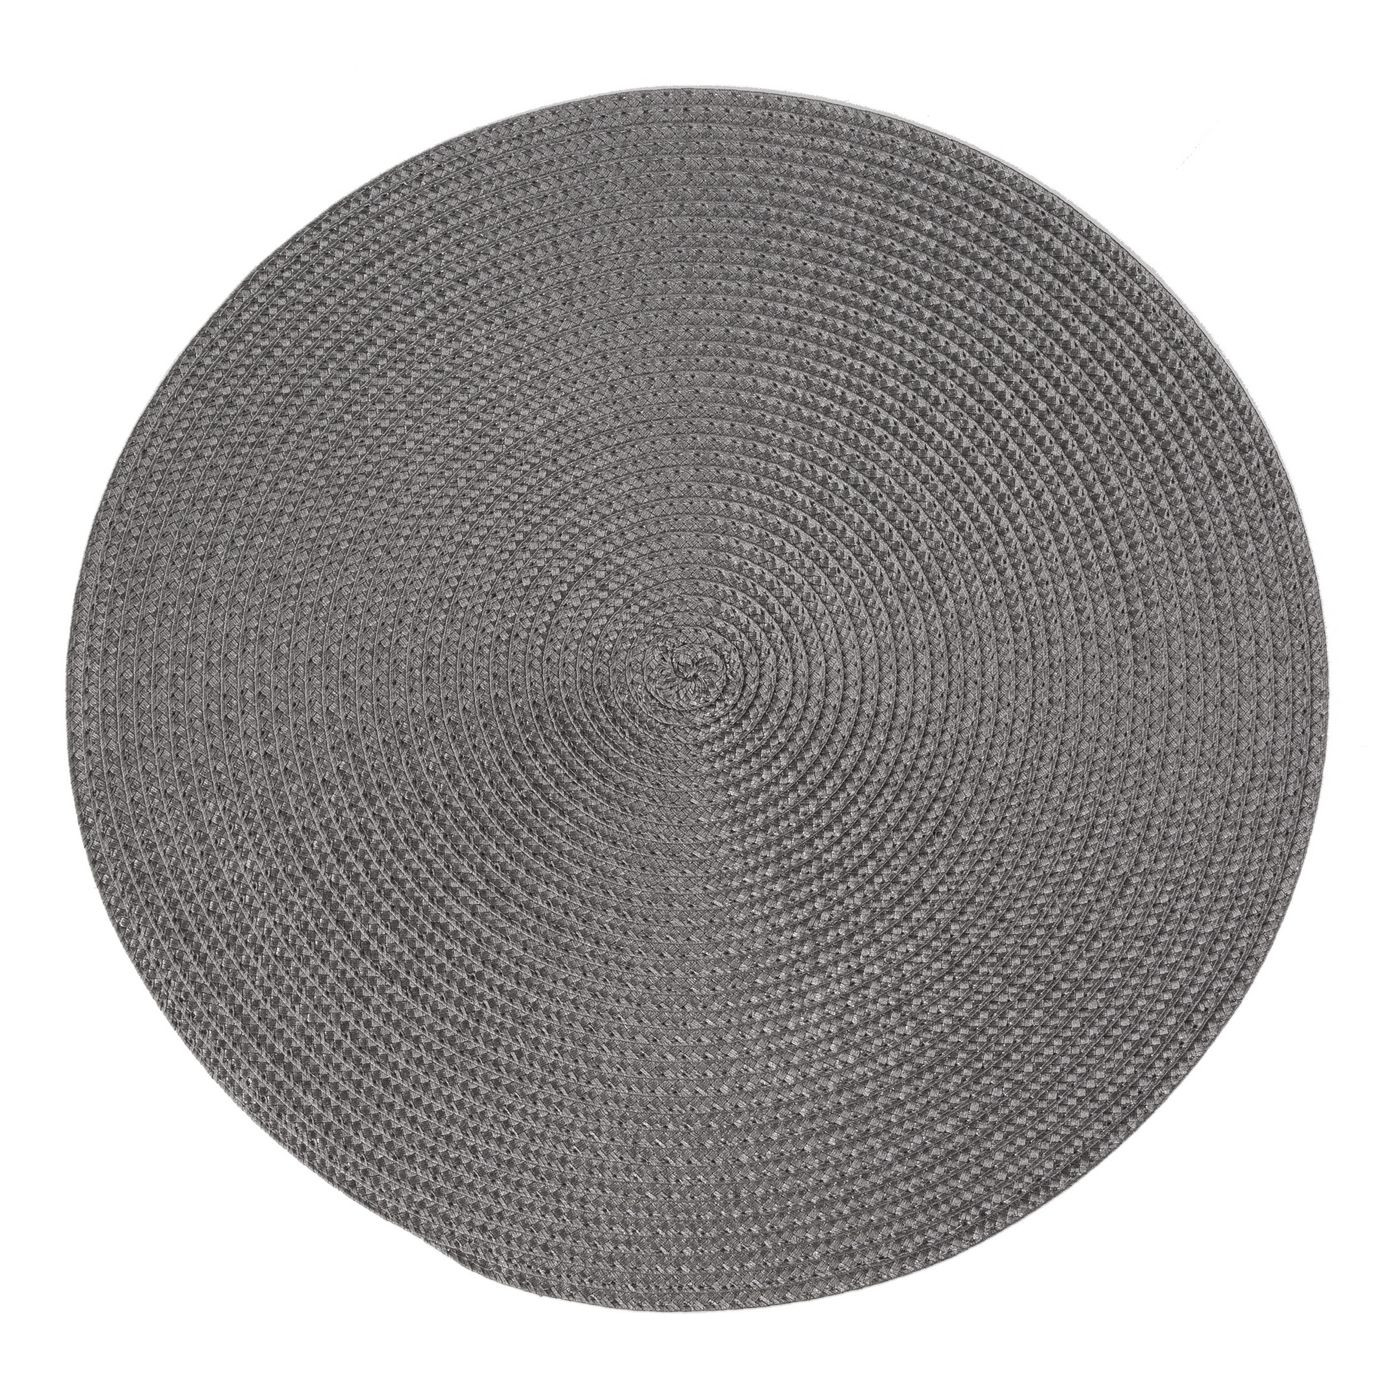 Okrągła podkładka stołowa stalowy szary średnica 38 cm